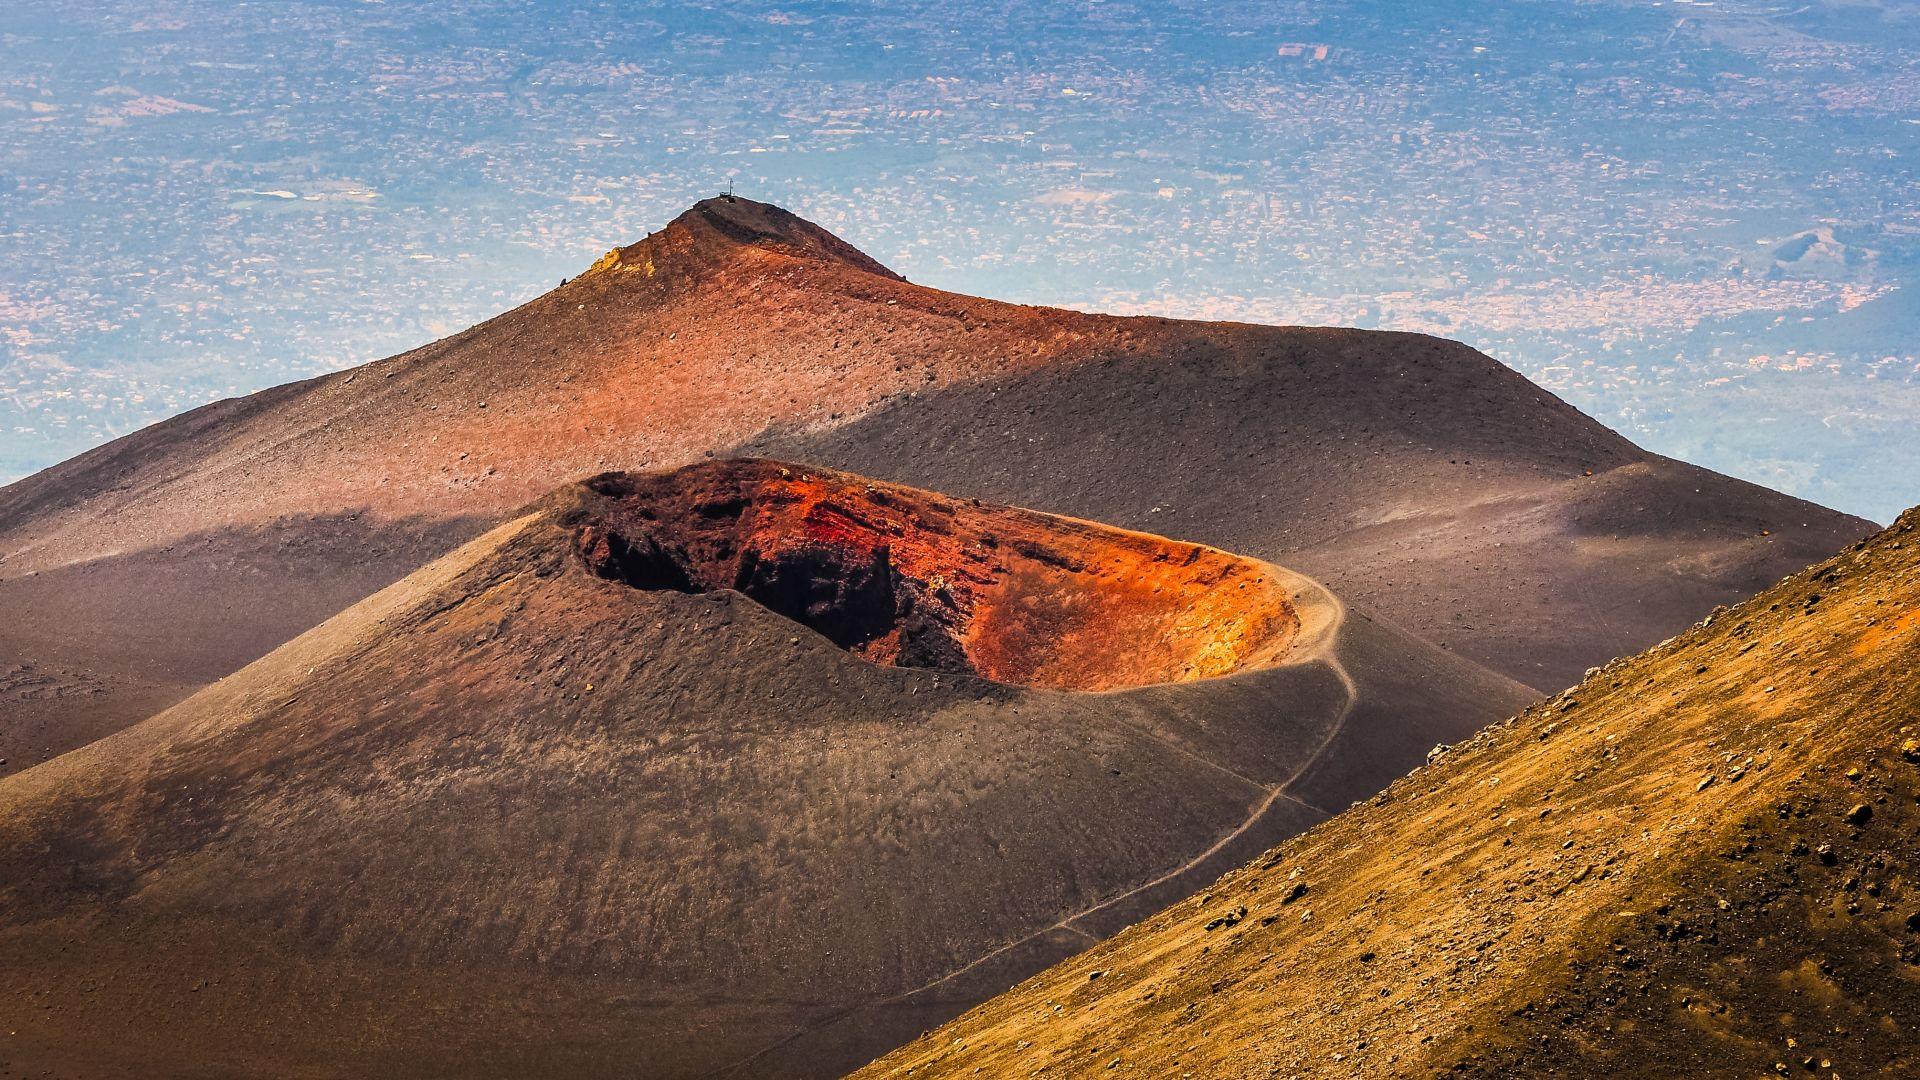 Има опасност от активизиране на вулкана Етна